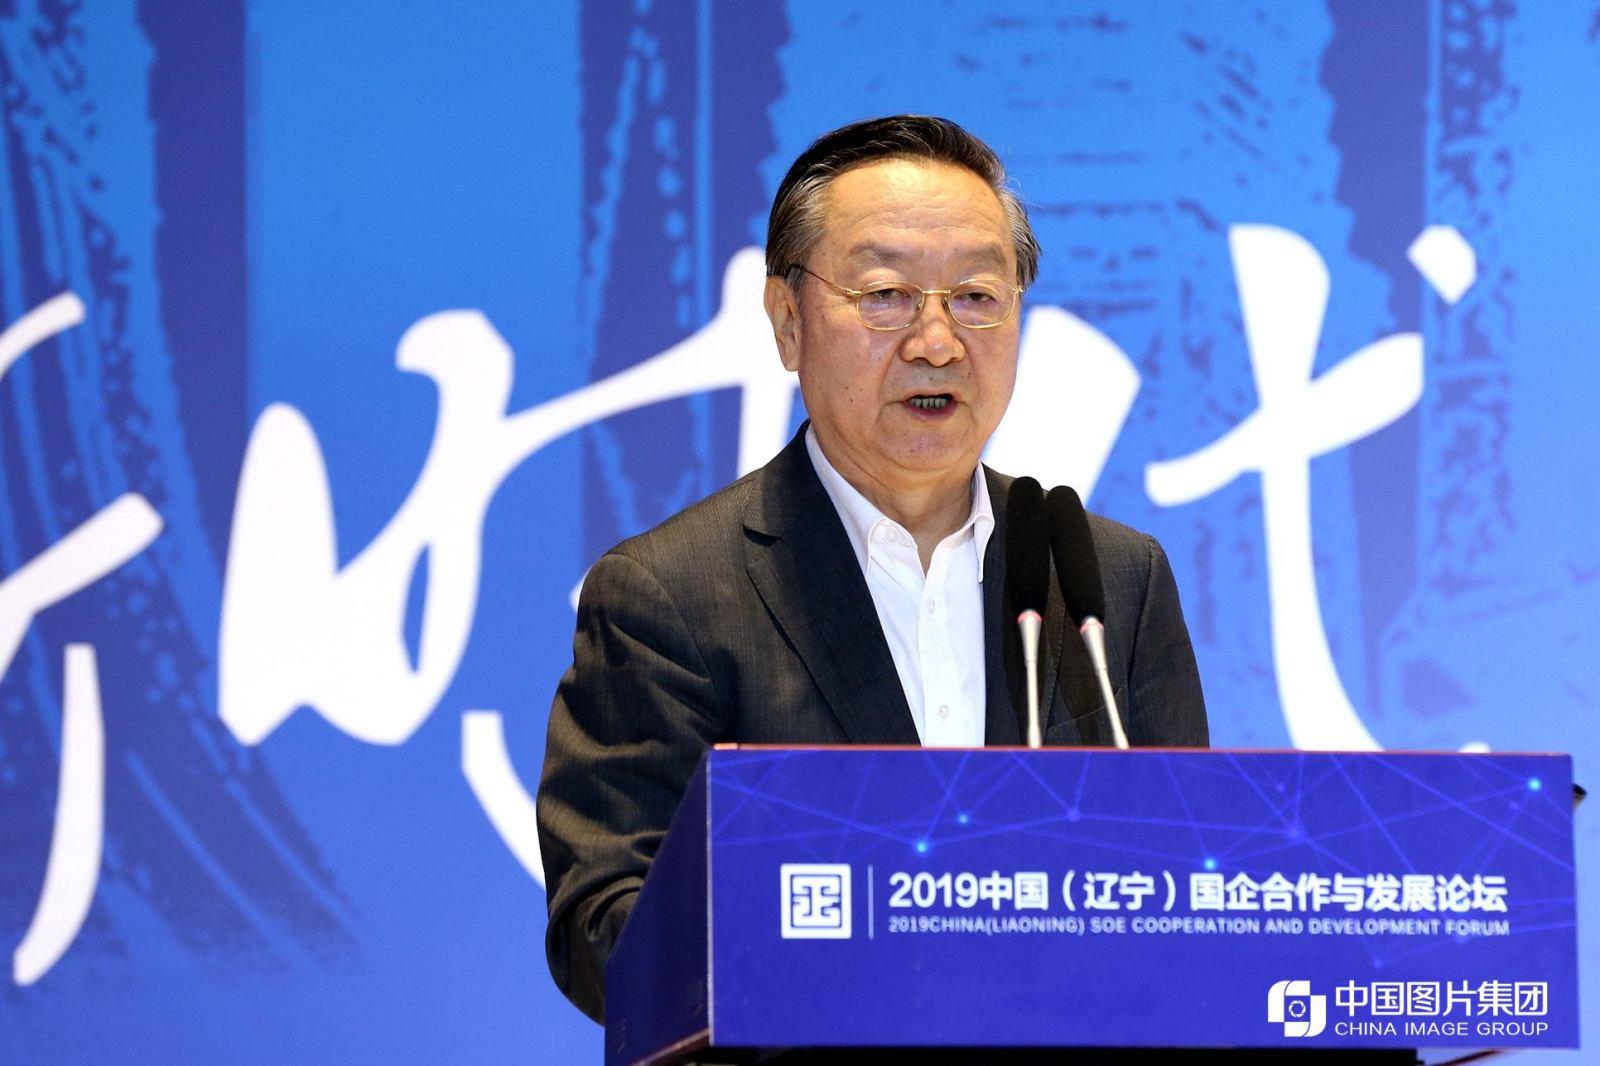 工业和信息化部原部长,中国工业经济联合会会长李毅中进行主题演讲。